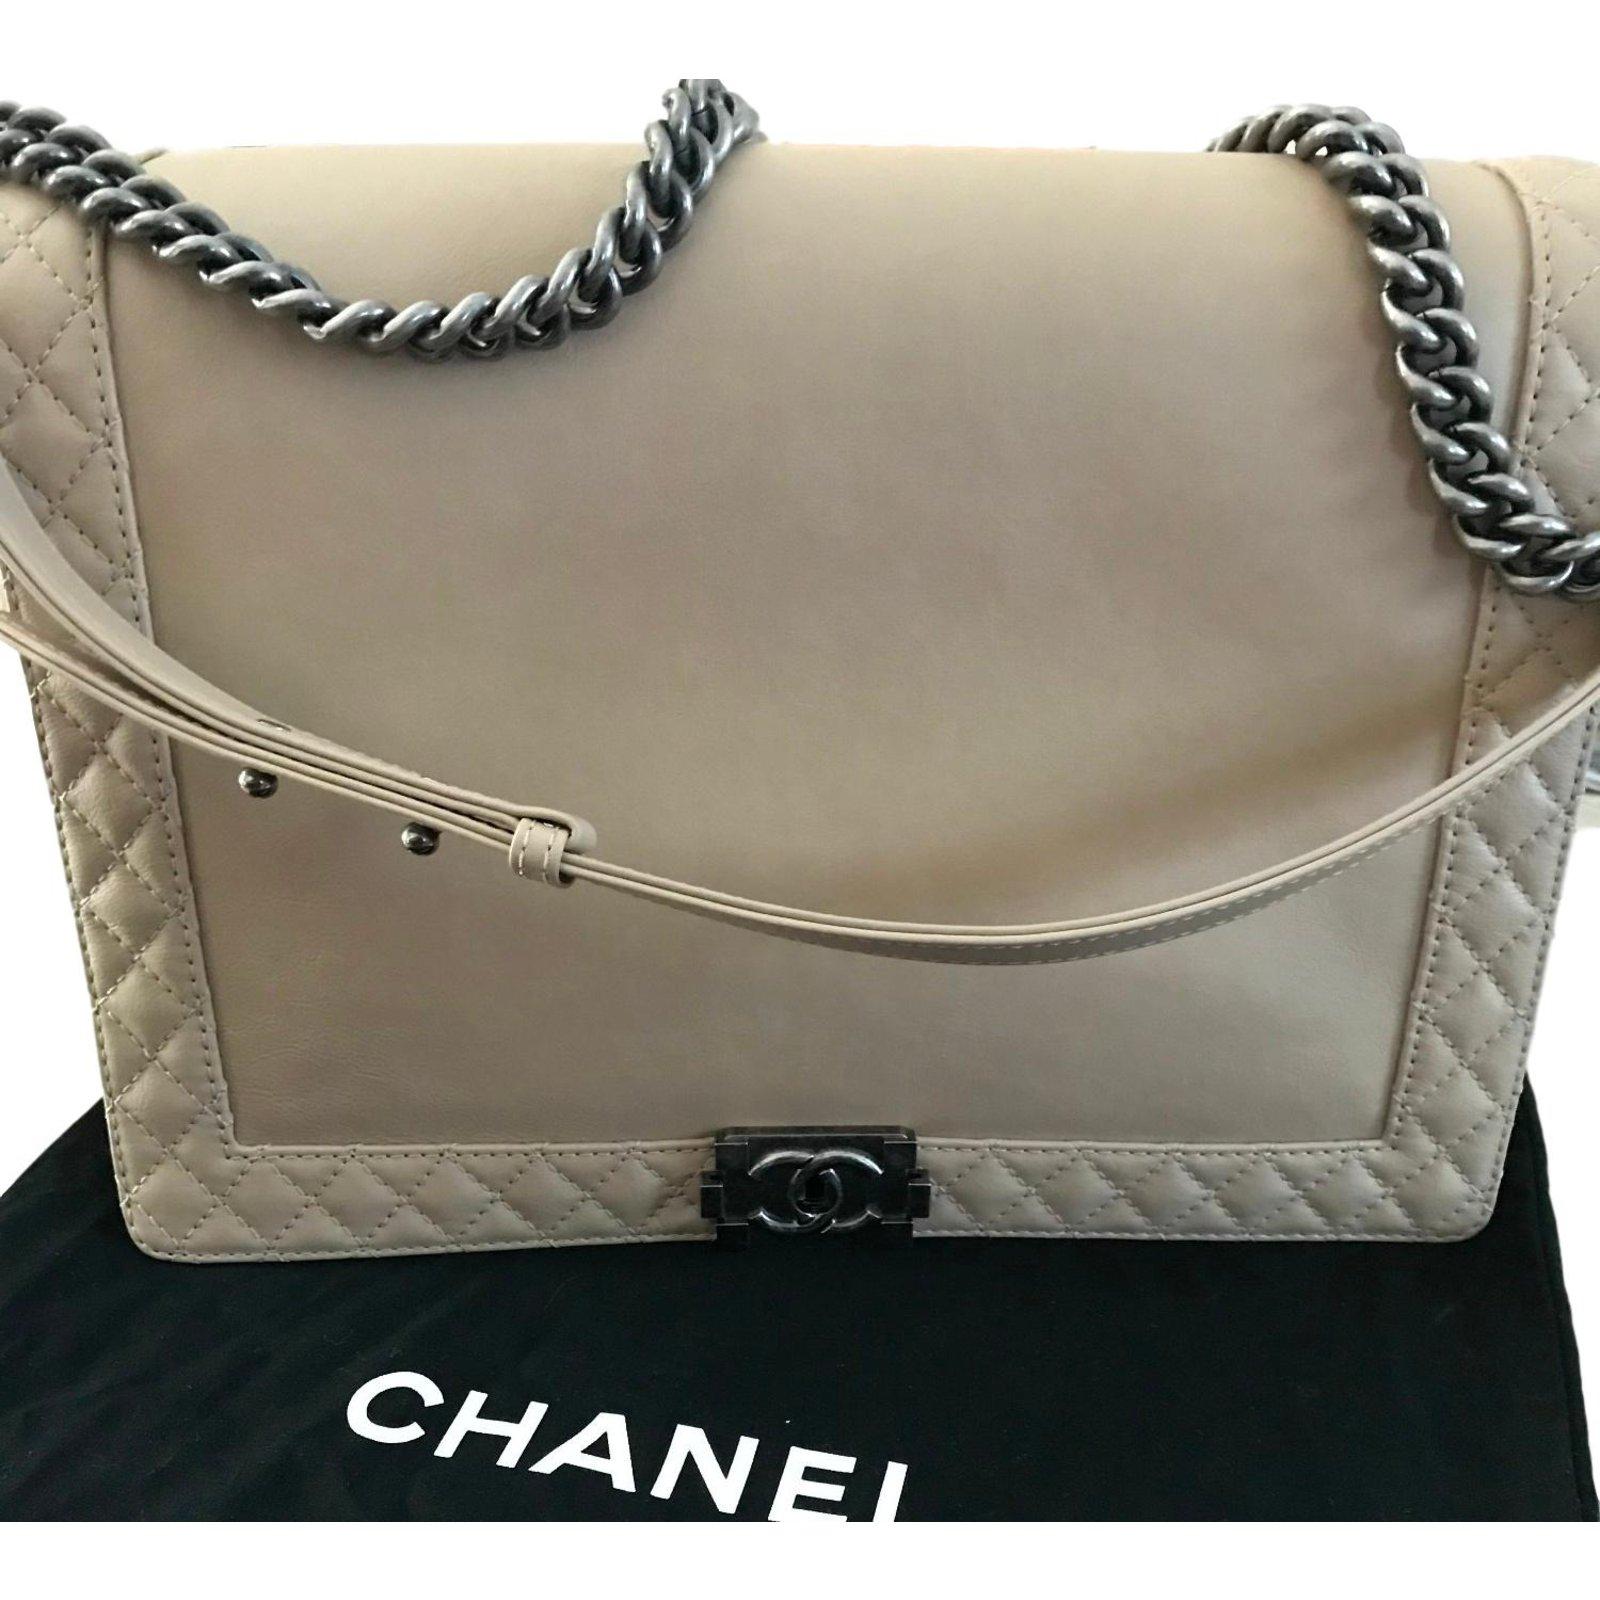 0454485f4289 Chanel Chanel Le Boy GM / XL Handbags Leather Beige ref.57770 - Joli ...